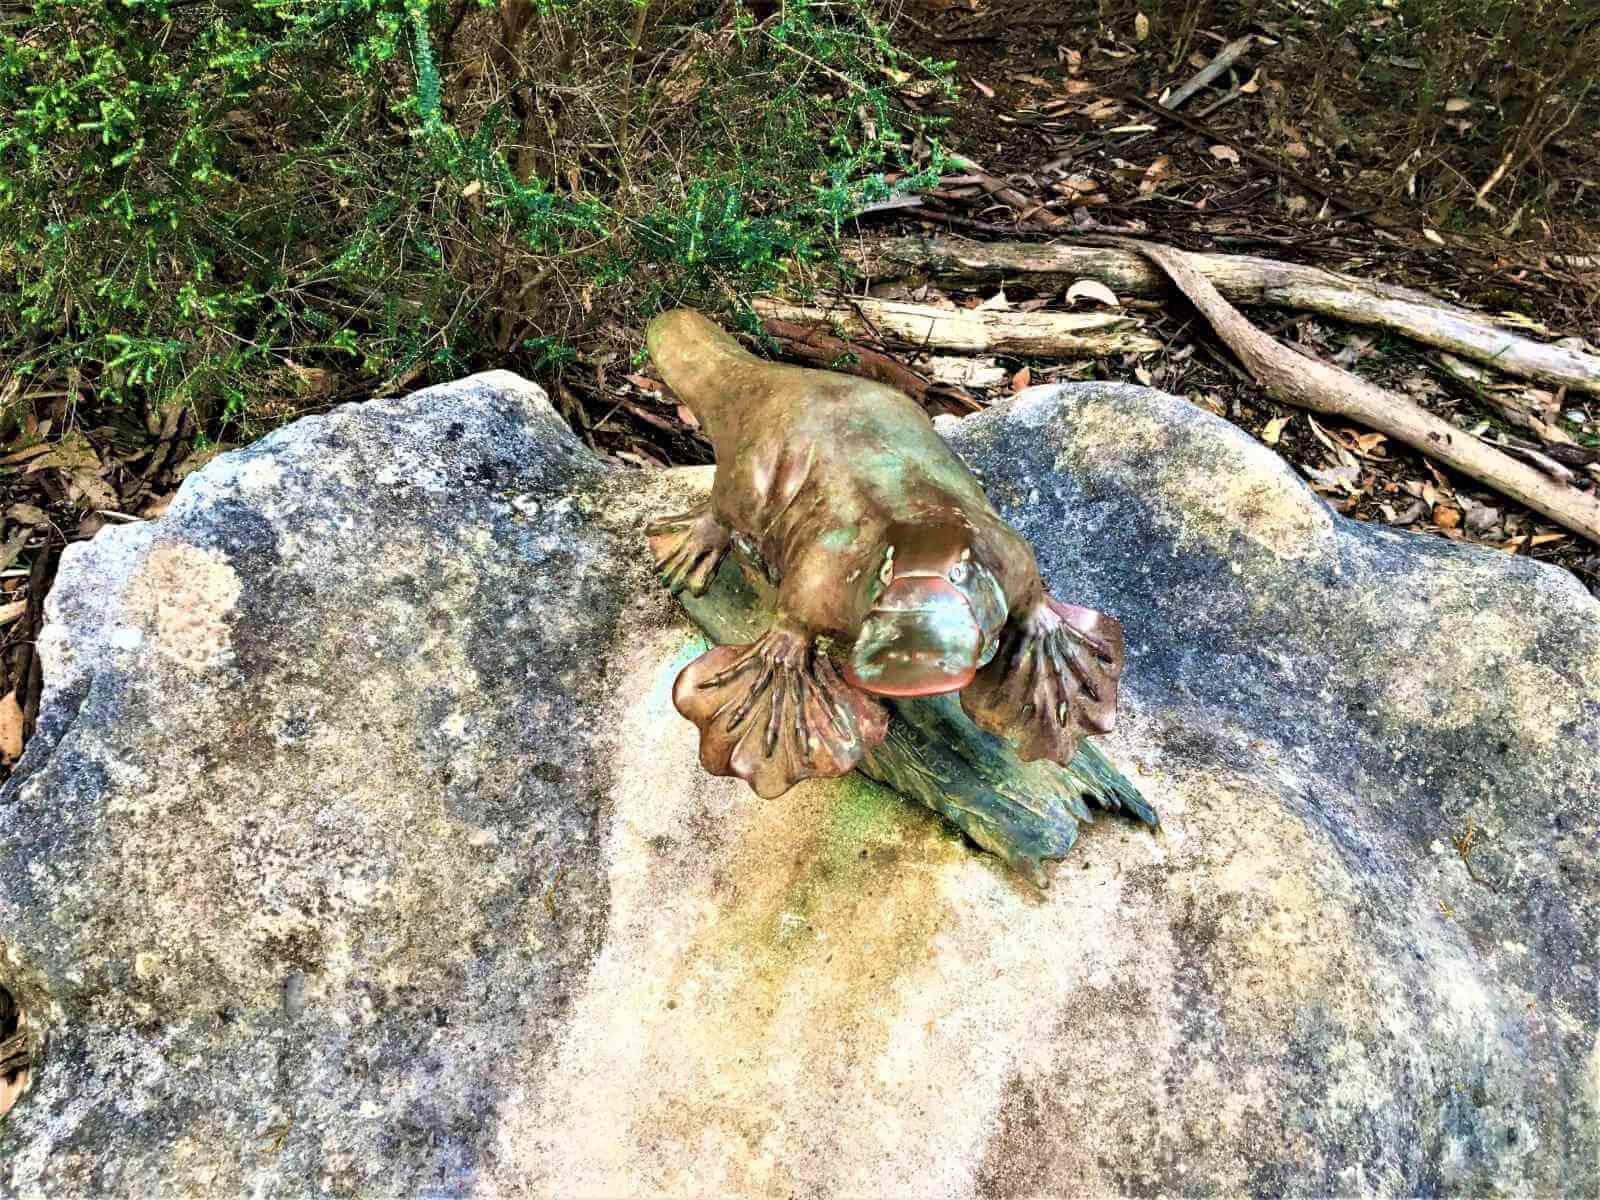 Schnabeltier-Skulptur beim Platypus-Walk